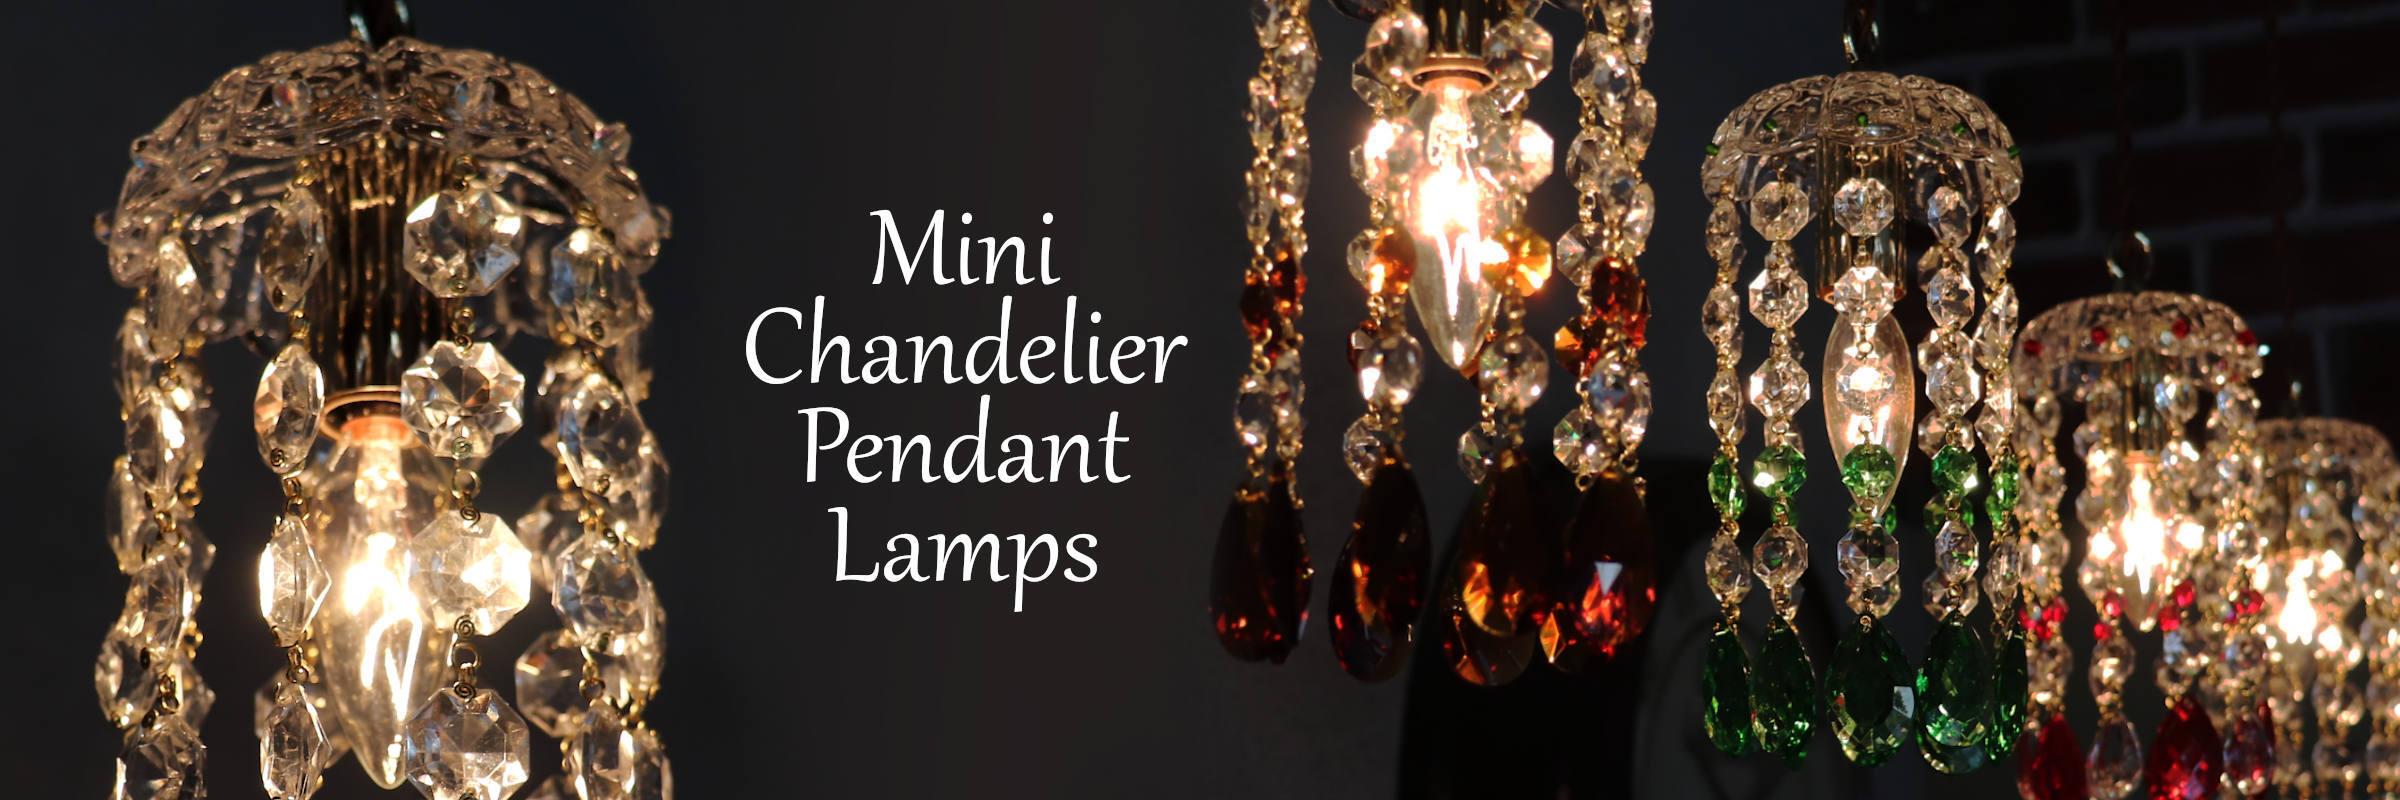 ミニシャンデリアペンダントライト アンティーク照明